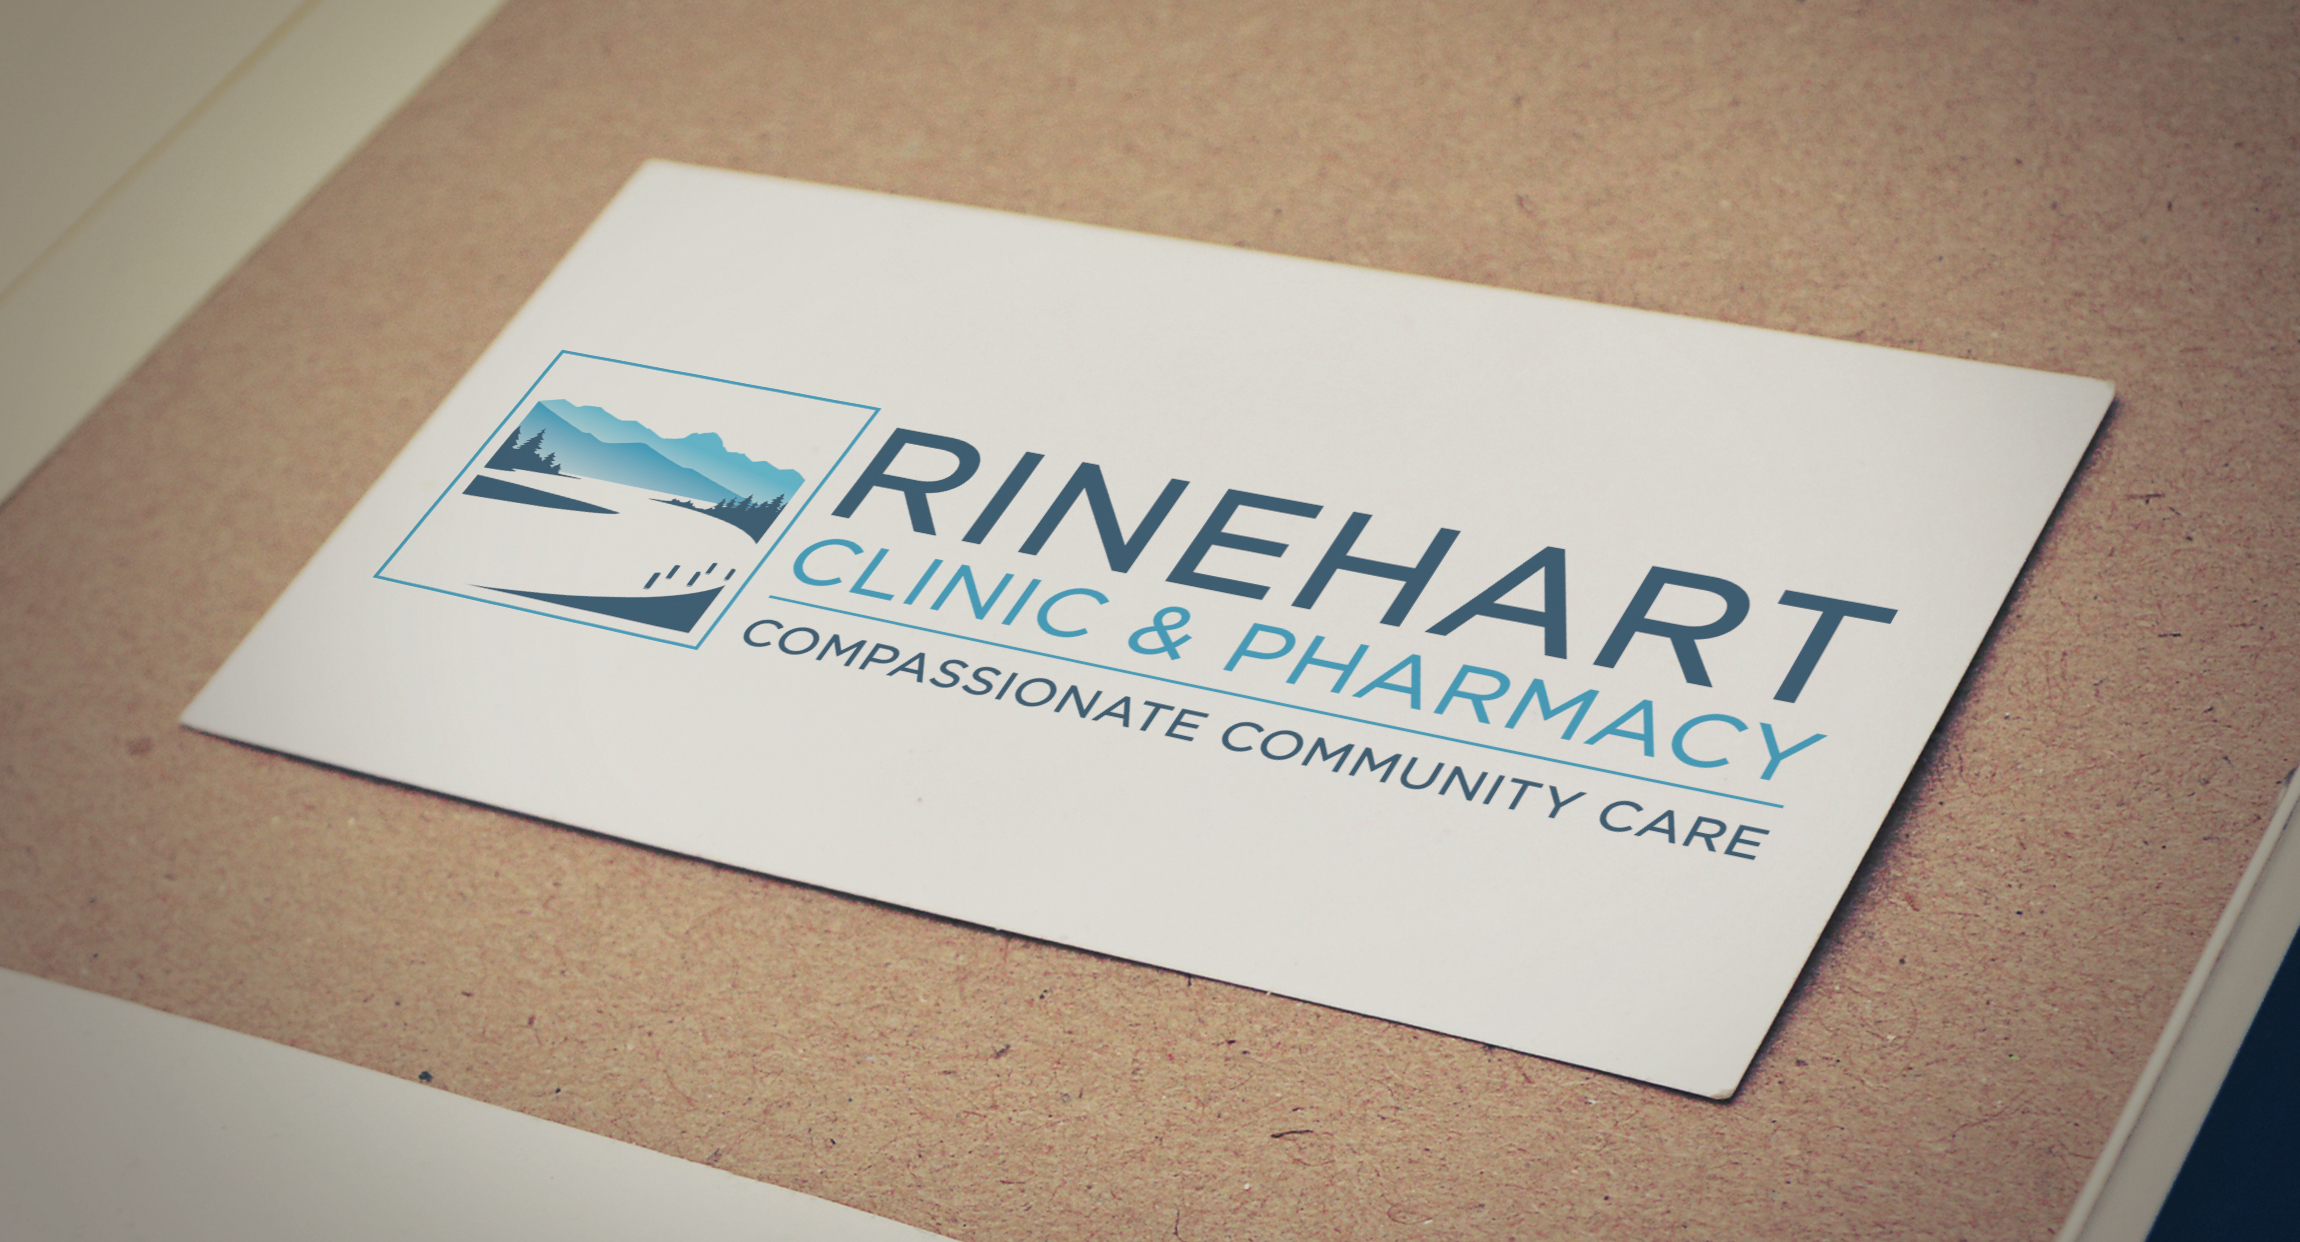 Rinehart Clinic & Pharmacy Logo Design